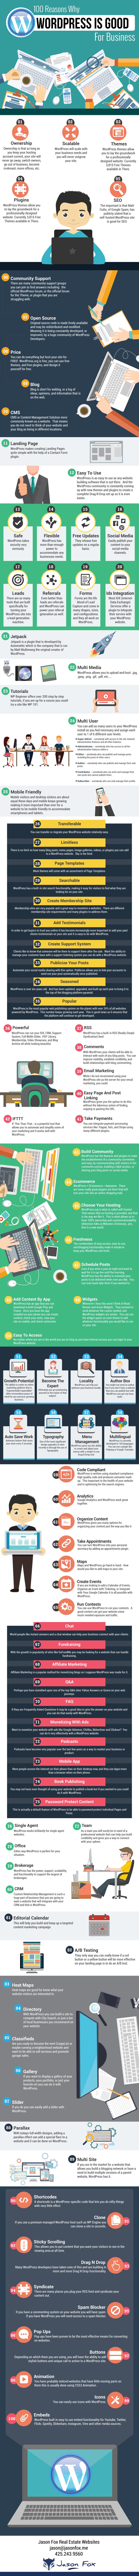 100 razones por las que WordPress es bueno para tu empresa #infografia #socialmedia